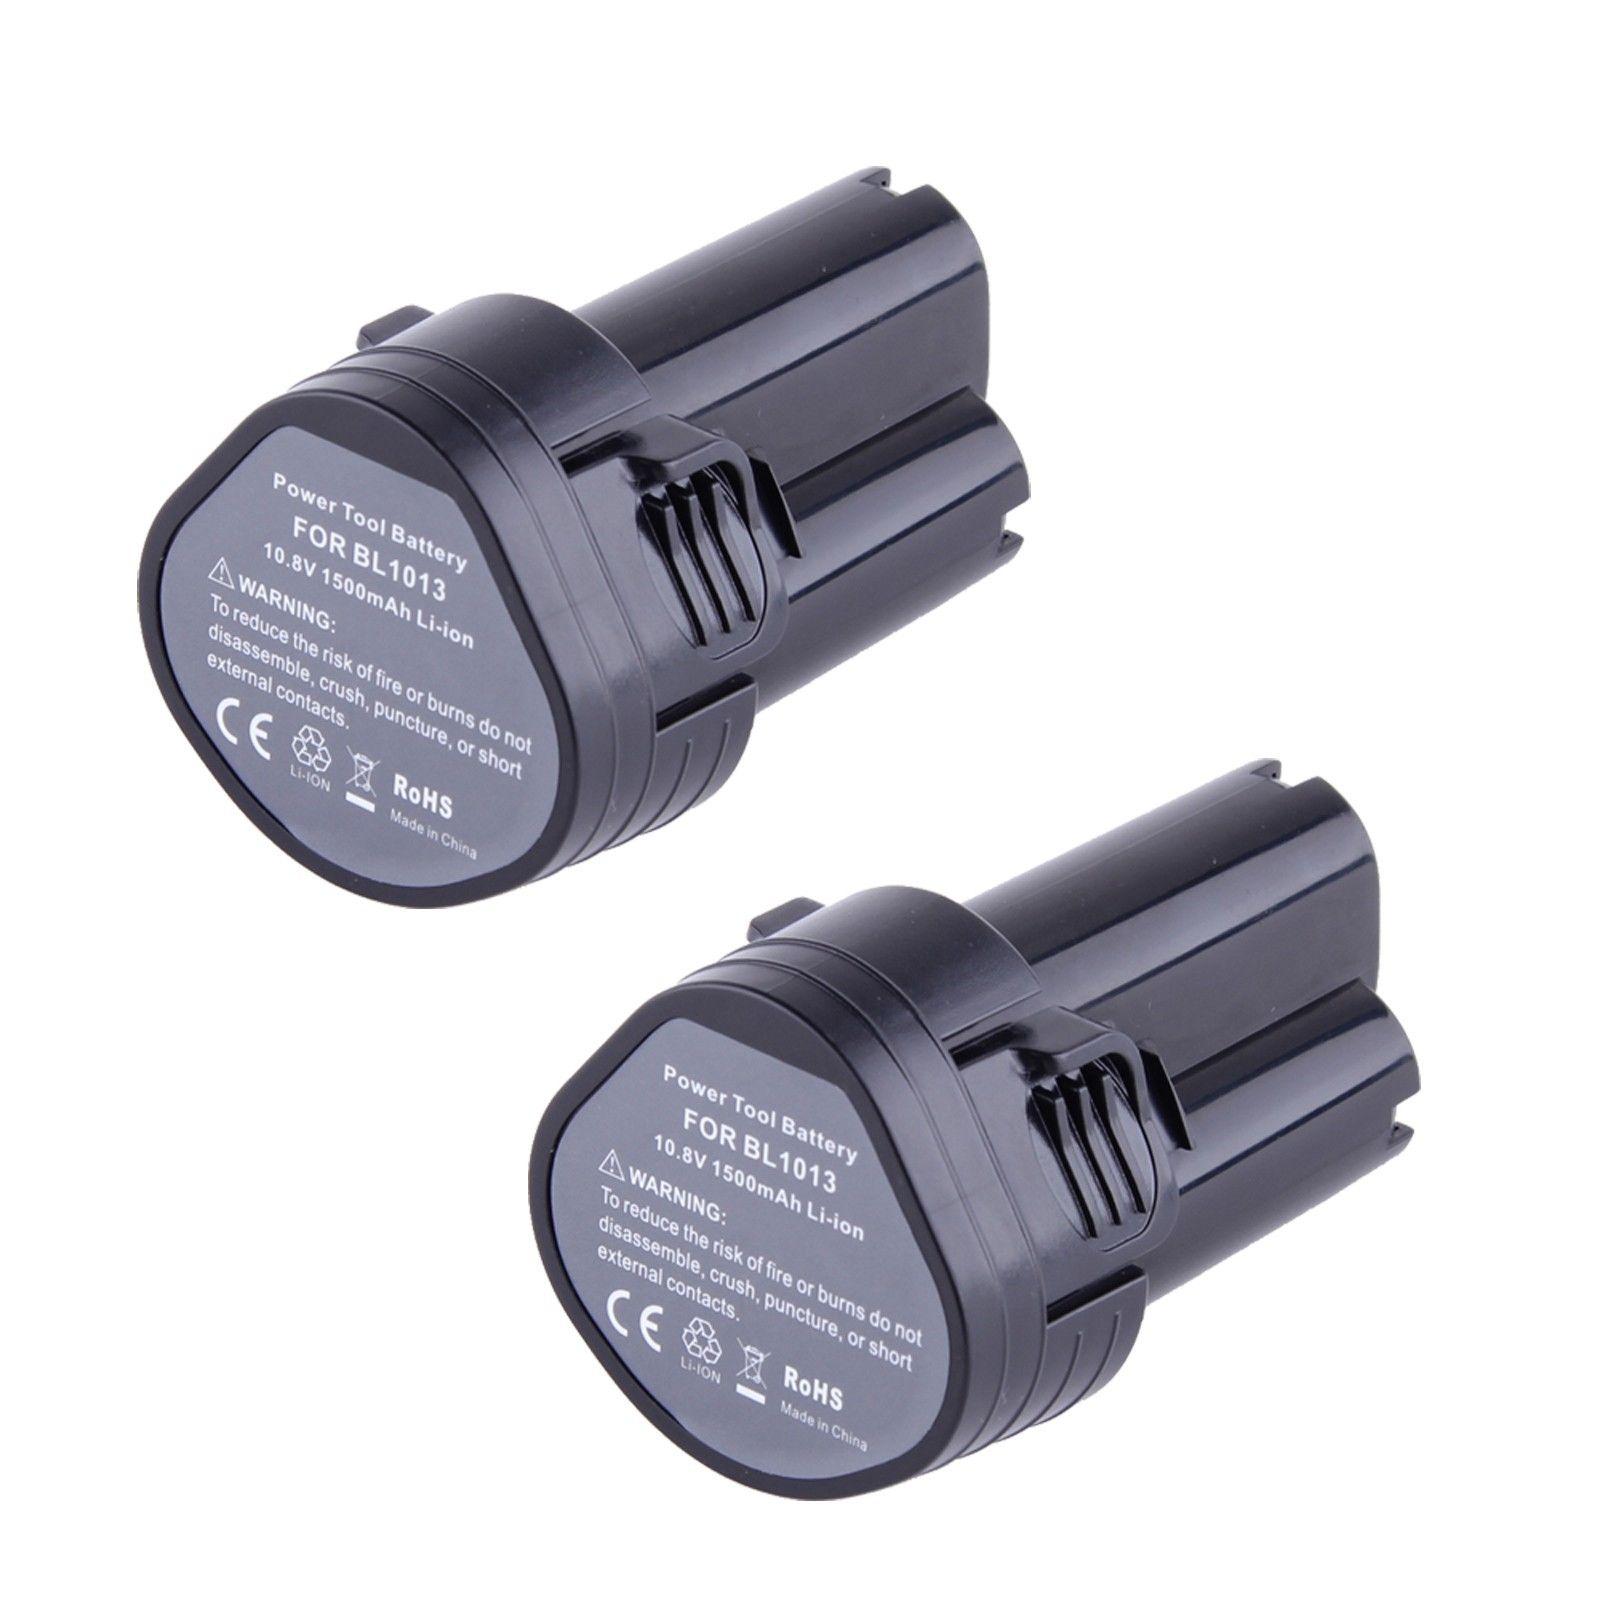 Top Offerte 2X10.8 Volt Li-Ion Batteria per Makita BL1013 194551-4 194550-6 TD090DW LCT203W